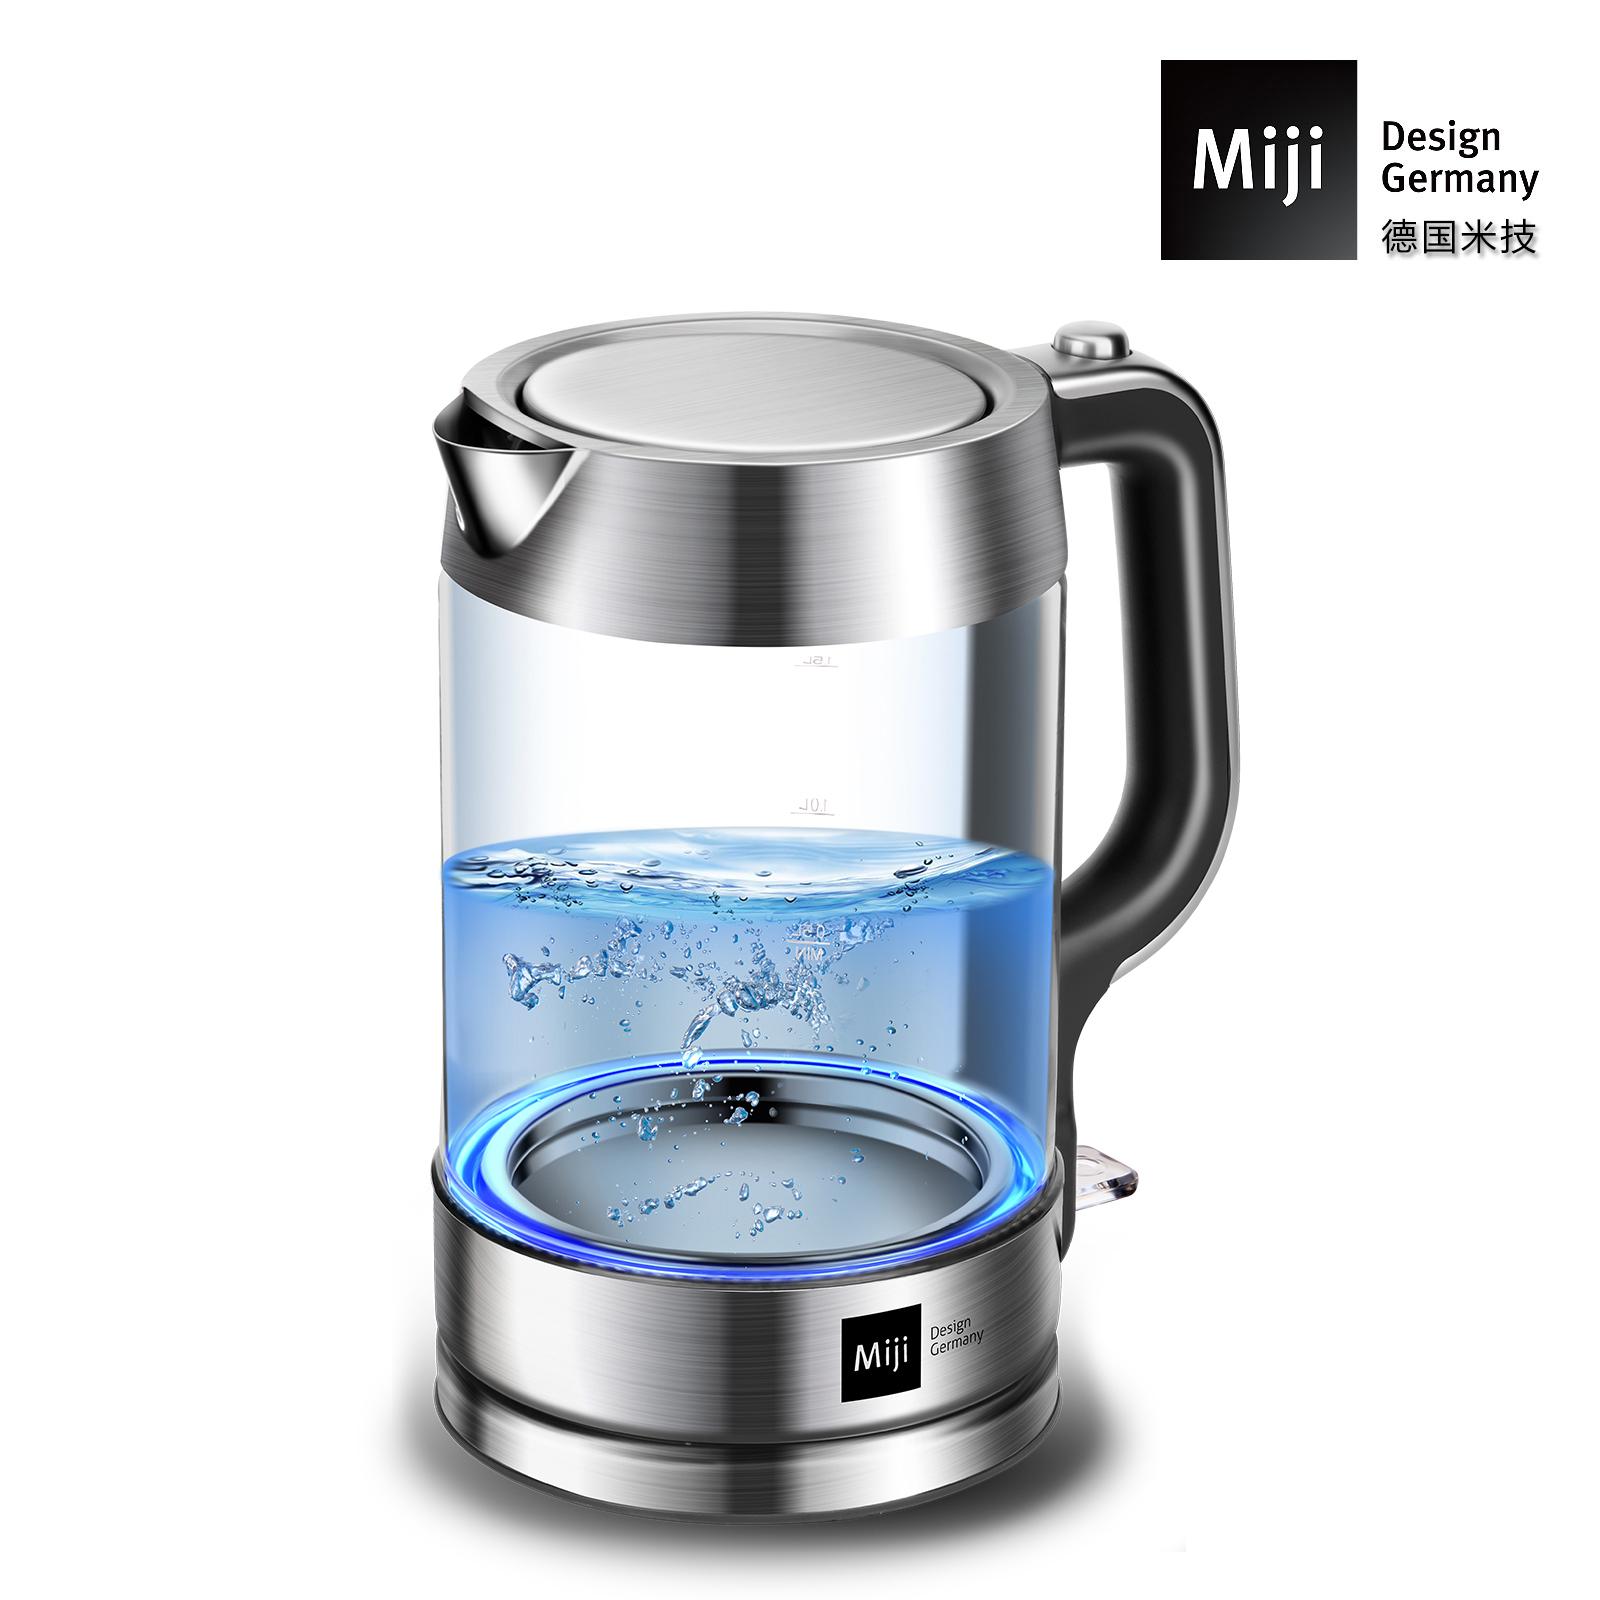 MIJI米技电热水壶家用304不锈钢 HK-3301